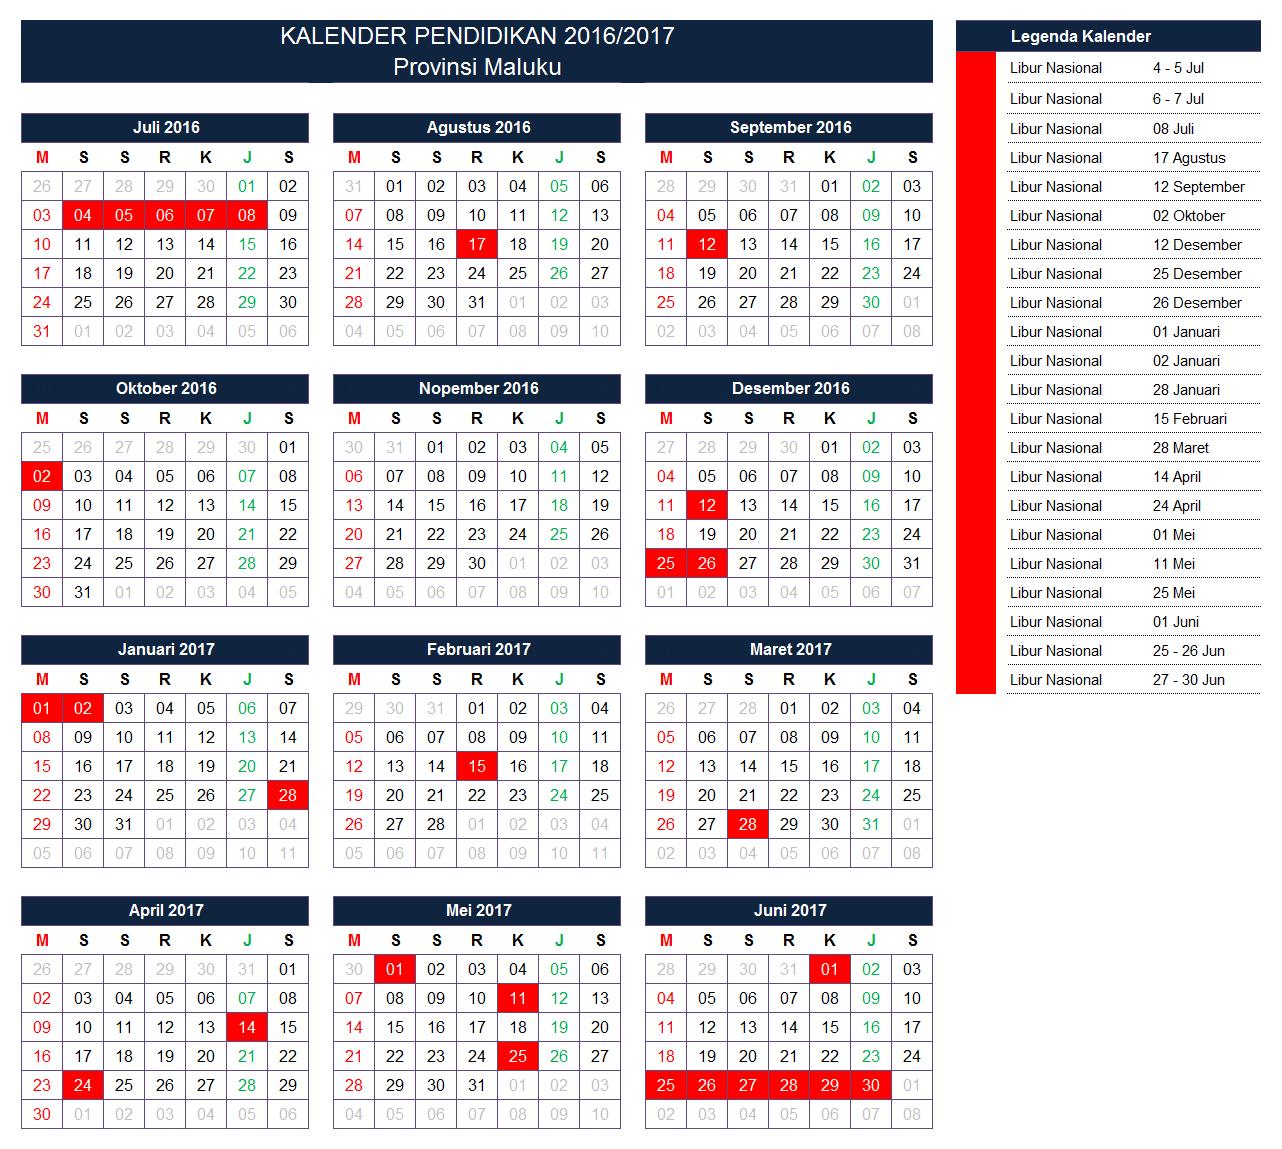 Kalender Pendidikan Provinsi Maluku